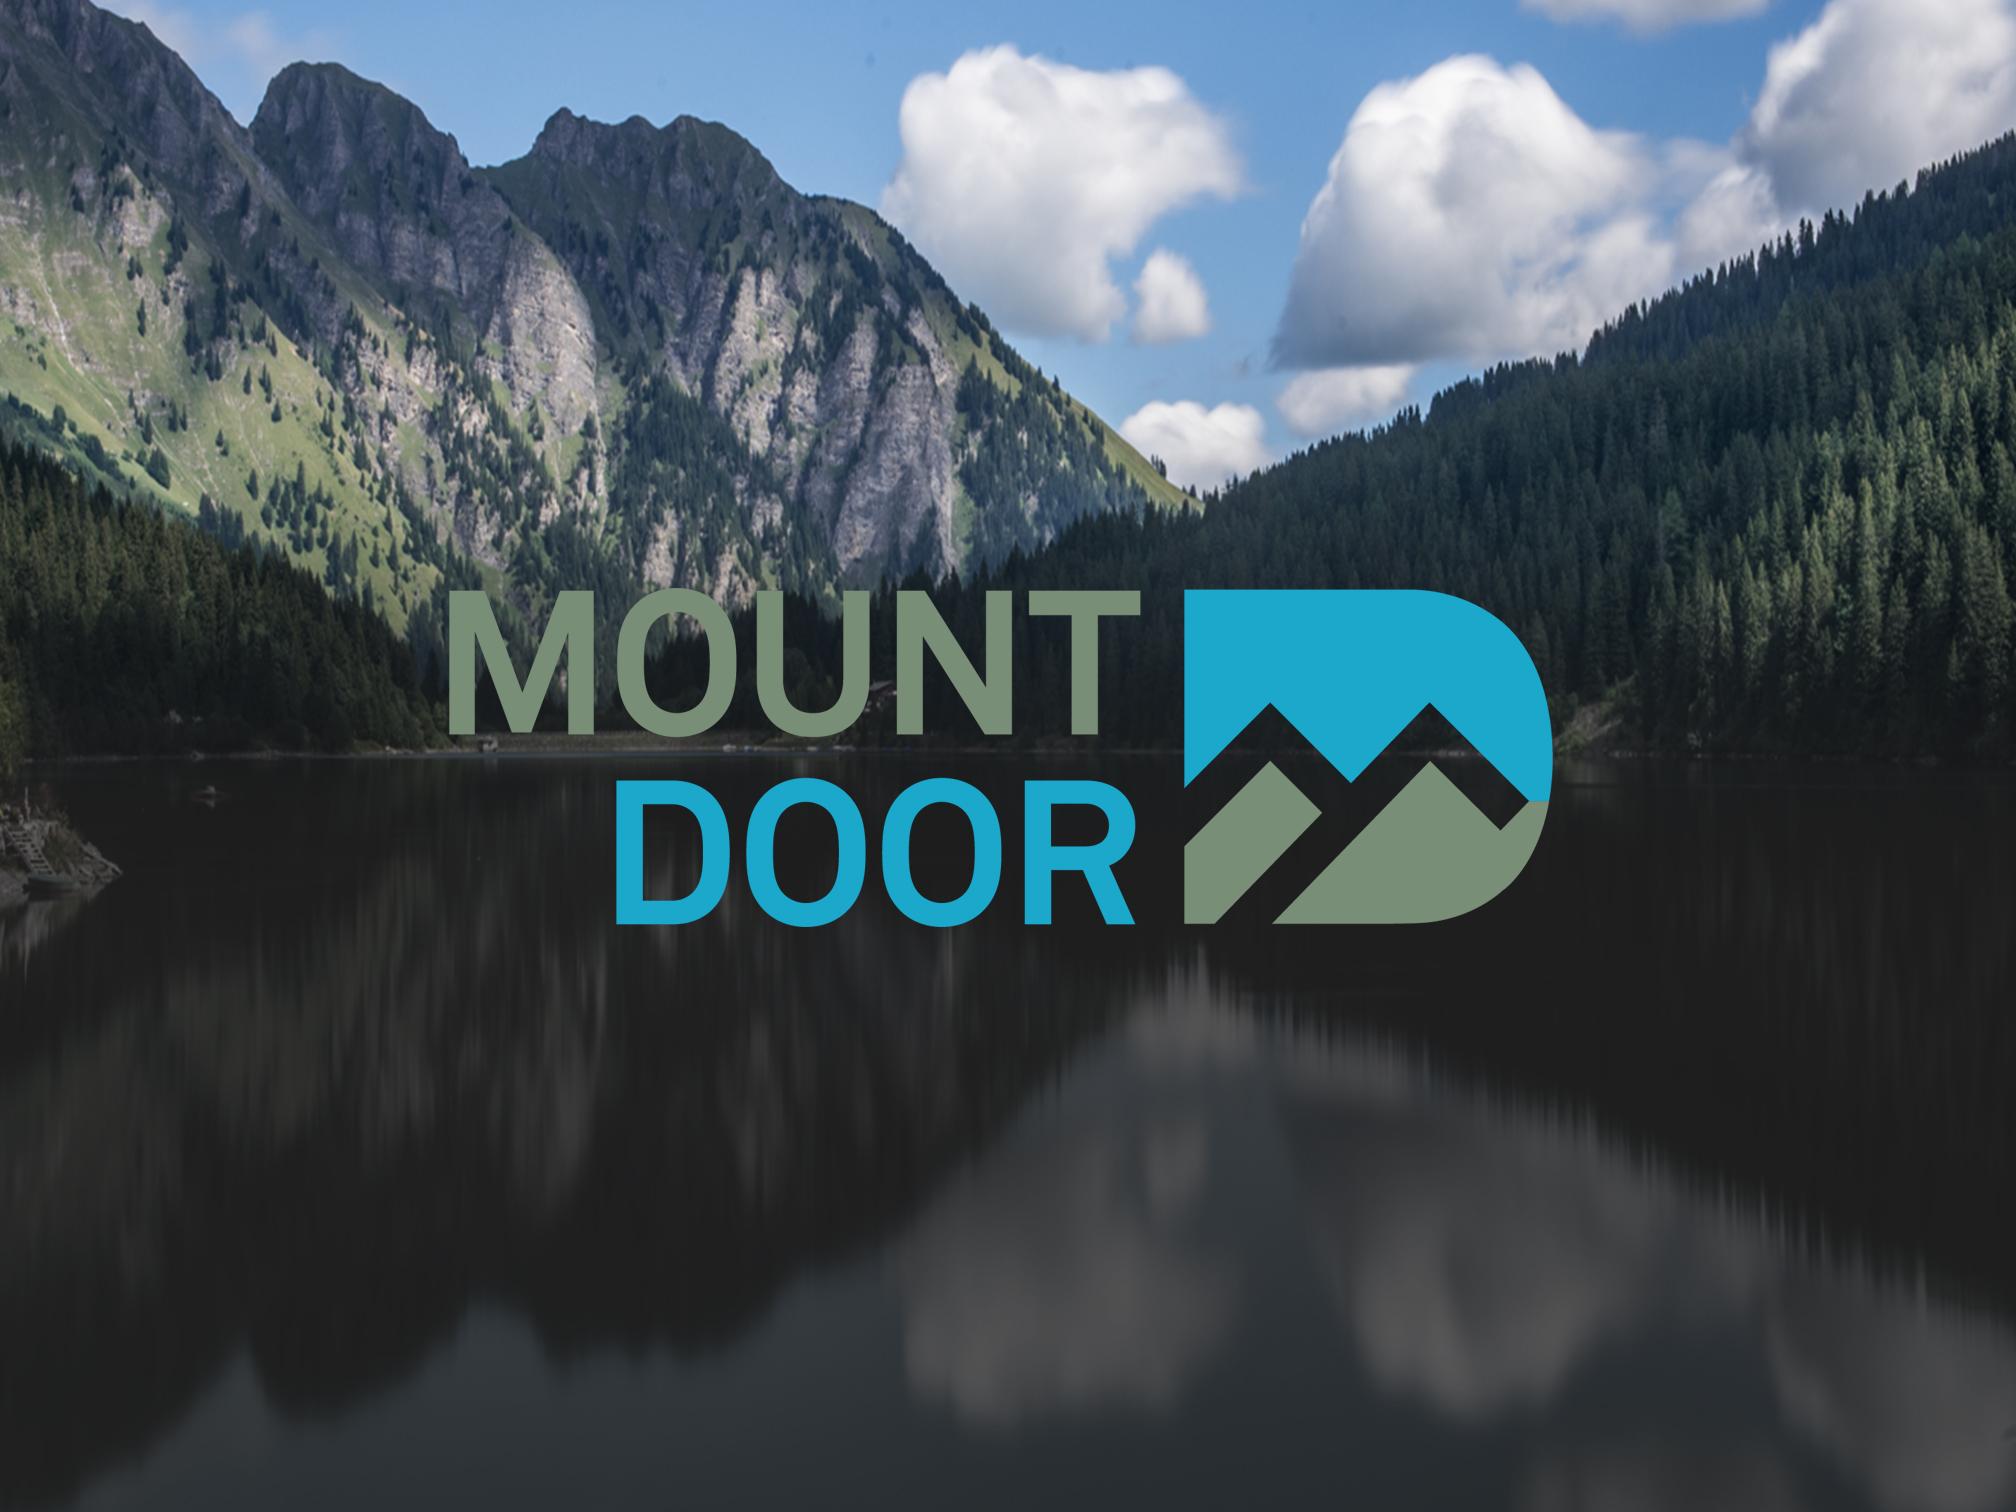 Mountdoor